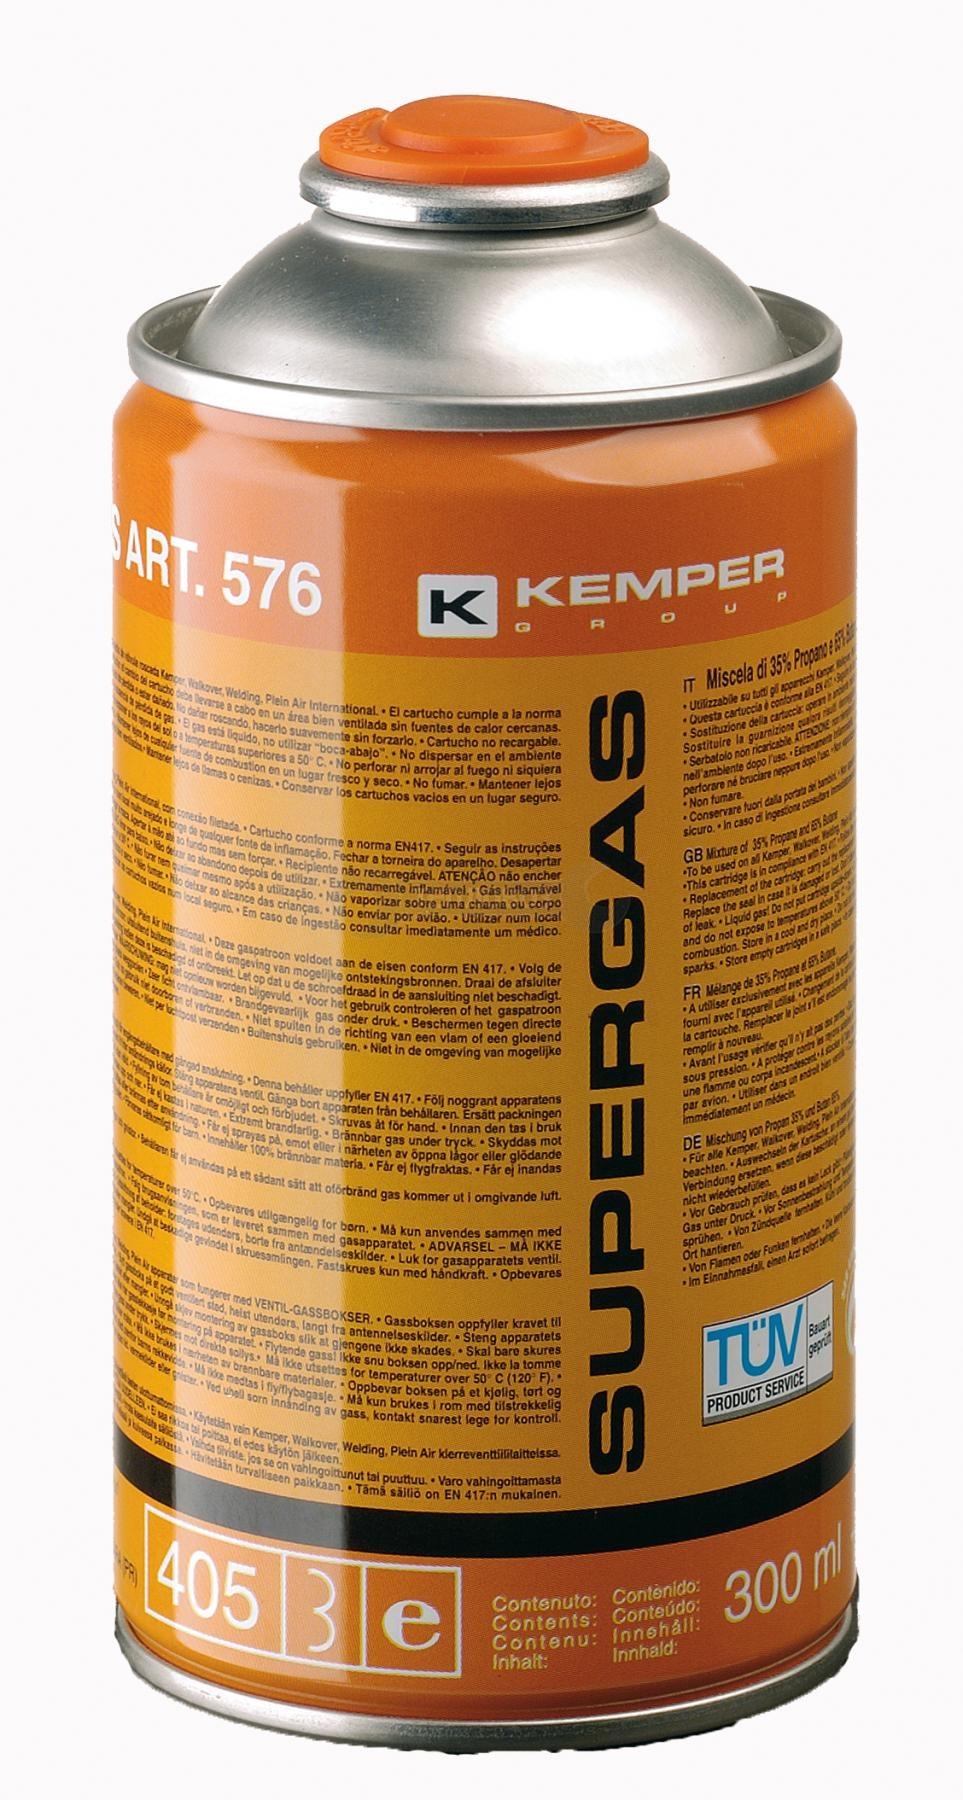 Купить Kemper 576, 170г в интернет-магазине Дождь